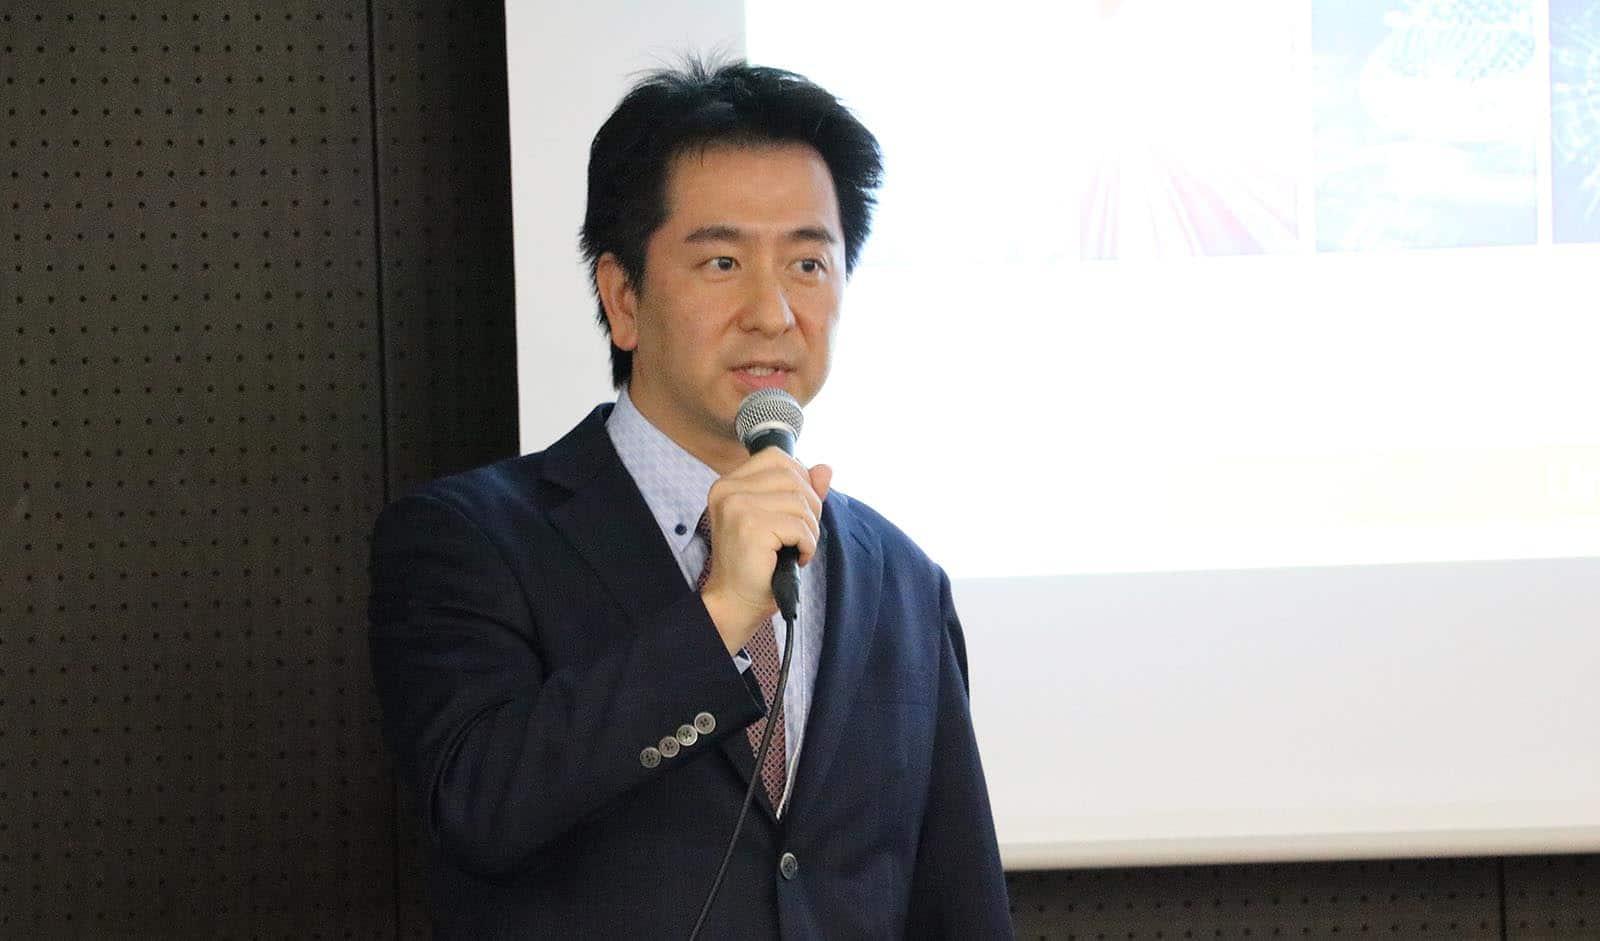 アーム株式会社 IoT セールス&事業開発ディレクター 春田 篤志 氏